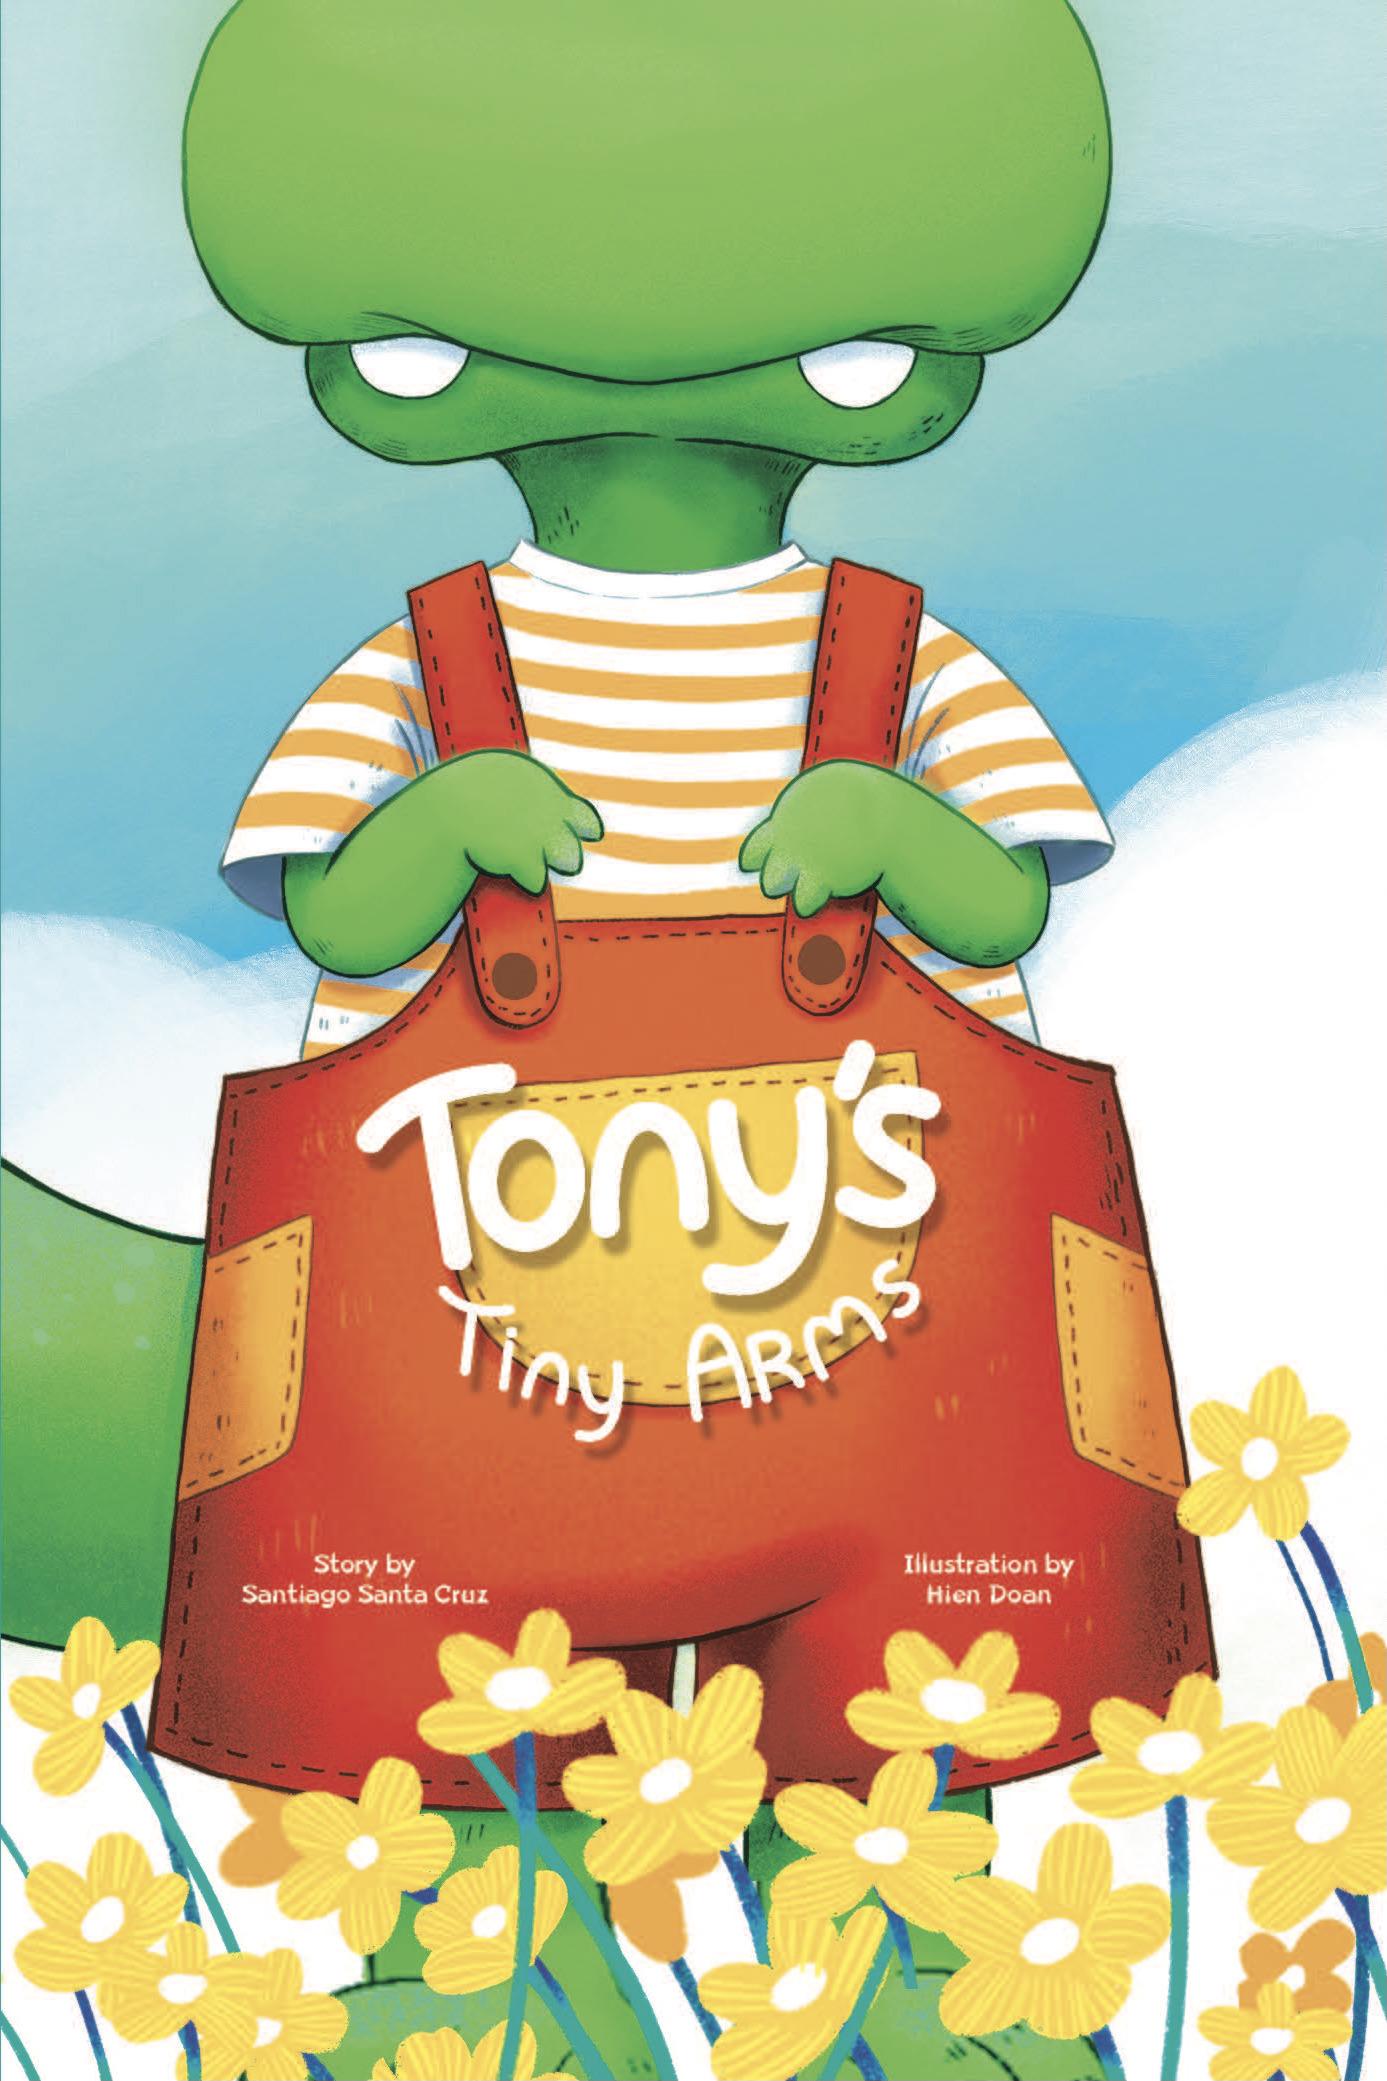 Tony's Tiny Arms